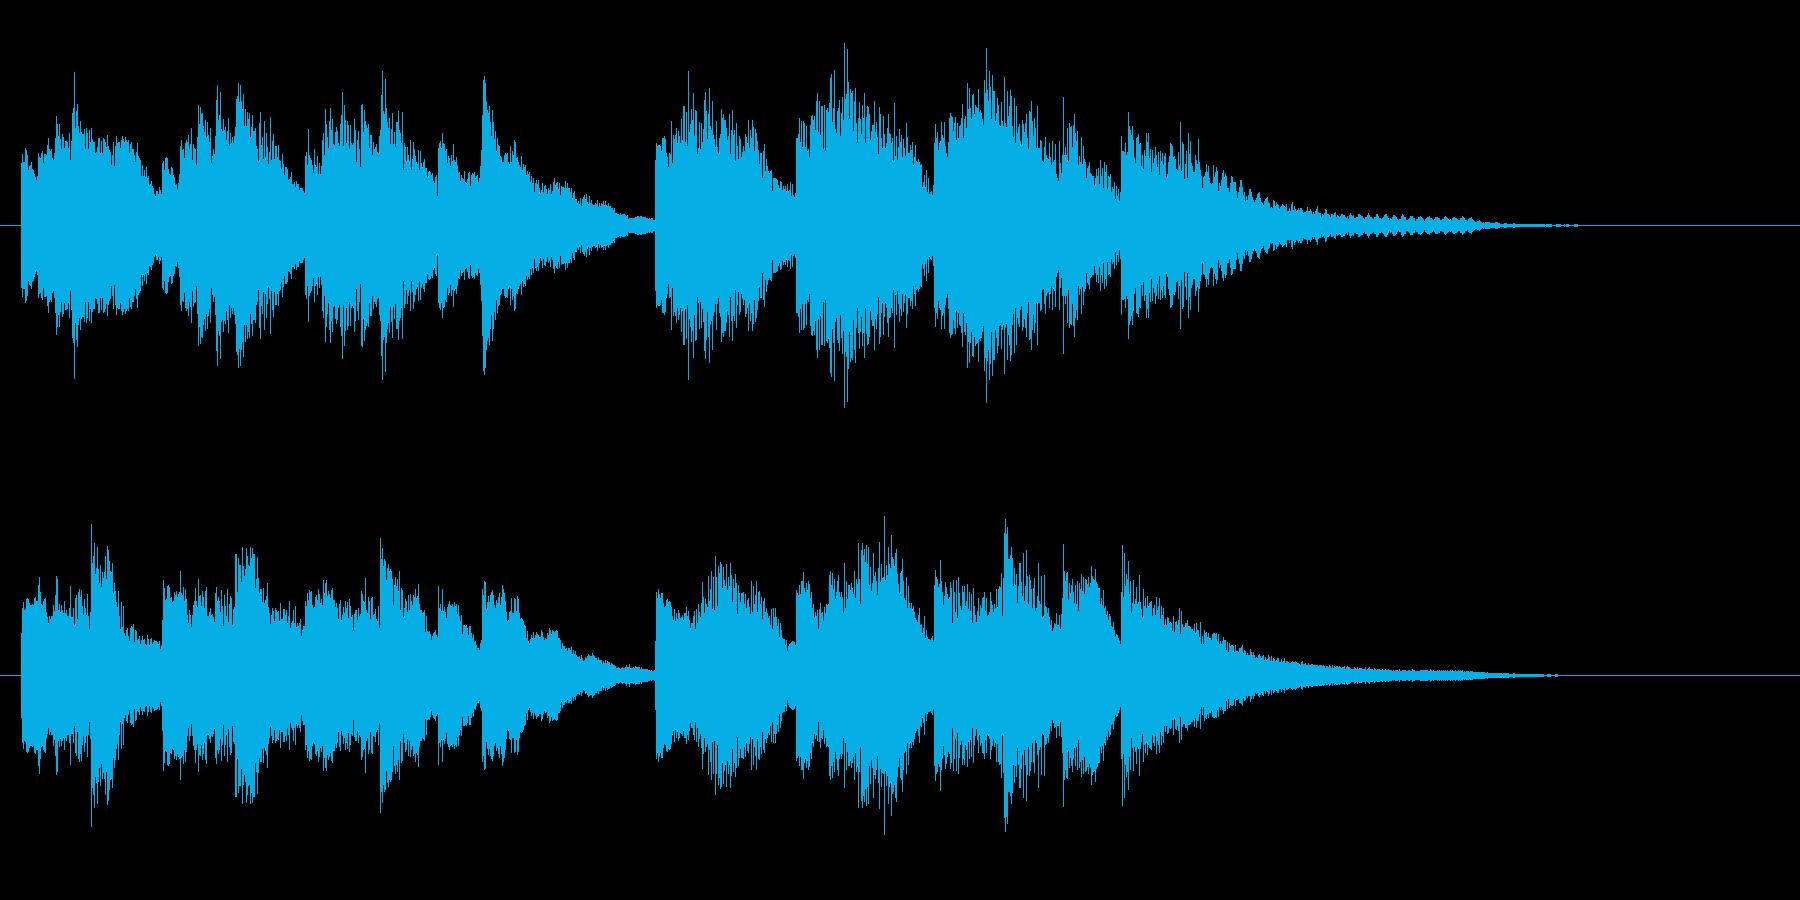 ゆったりとした癒しのピアノソロジングルの再生済みの波形